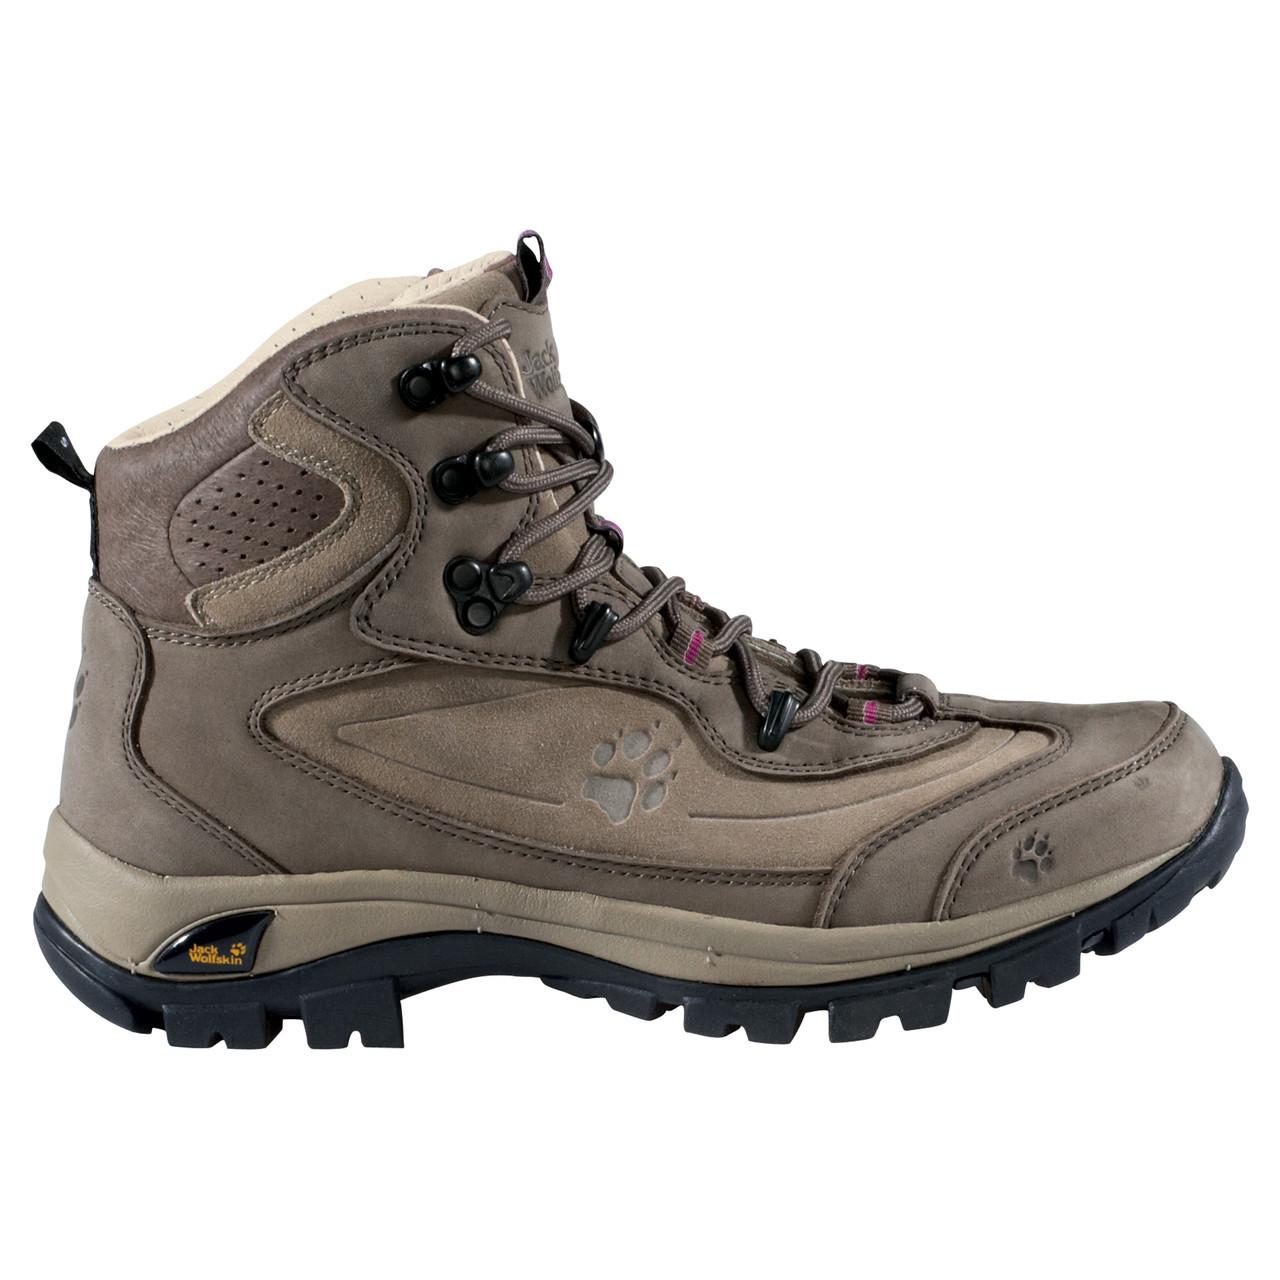 Жіночі черевики Jack wolfskin VOJO HIKE 2 TEXAPORE MID w 39.5 25 cm